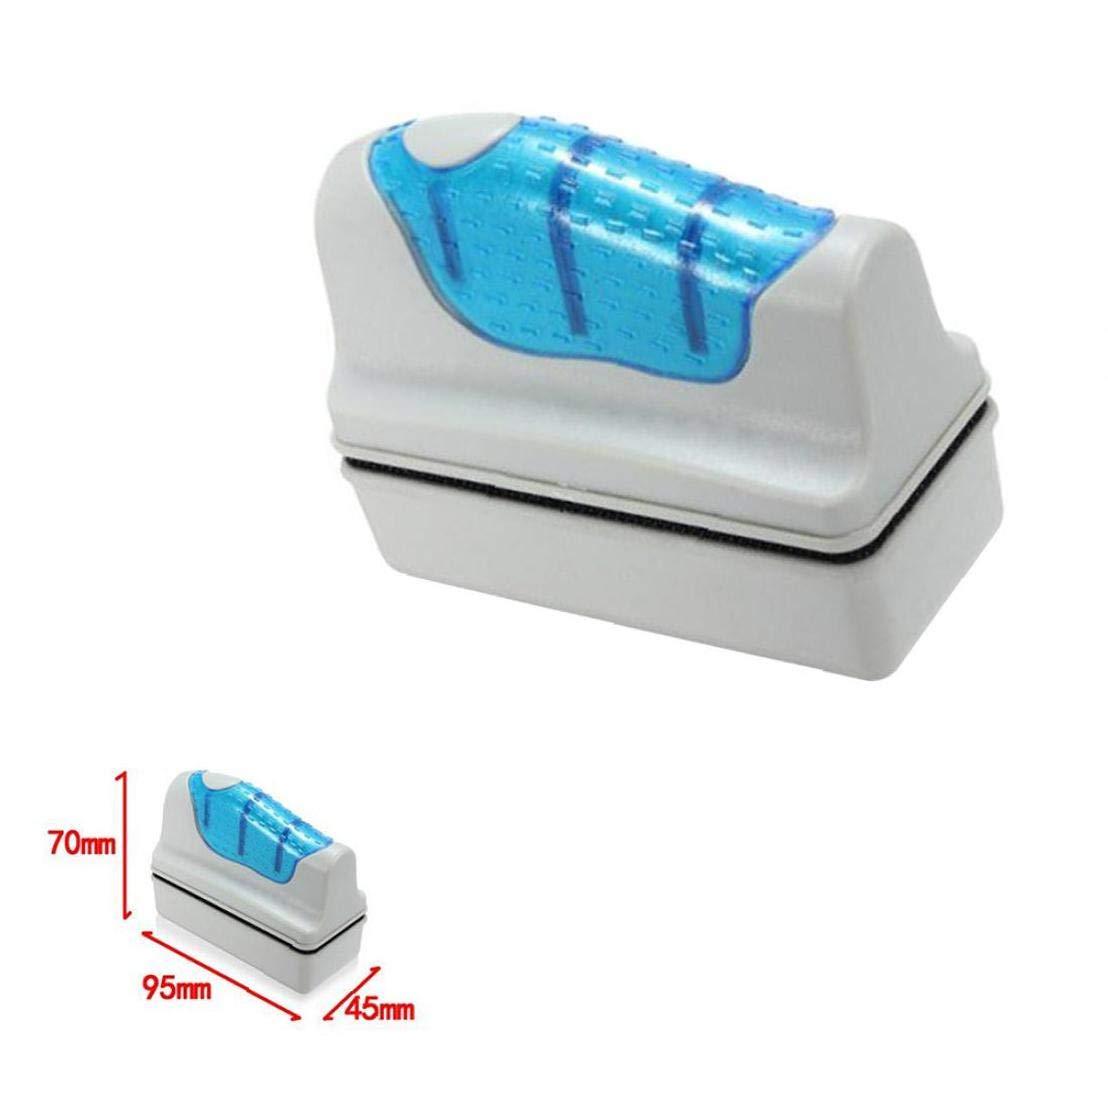 No brand Magnete Acquario Cleaner Alghe Raschietto per Glass Cleaner Acquari Acquatico Alghe a Secco Fish Tank di Vetro Scrubber Floating Spazzola Pulita